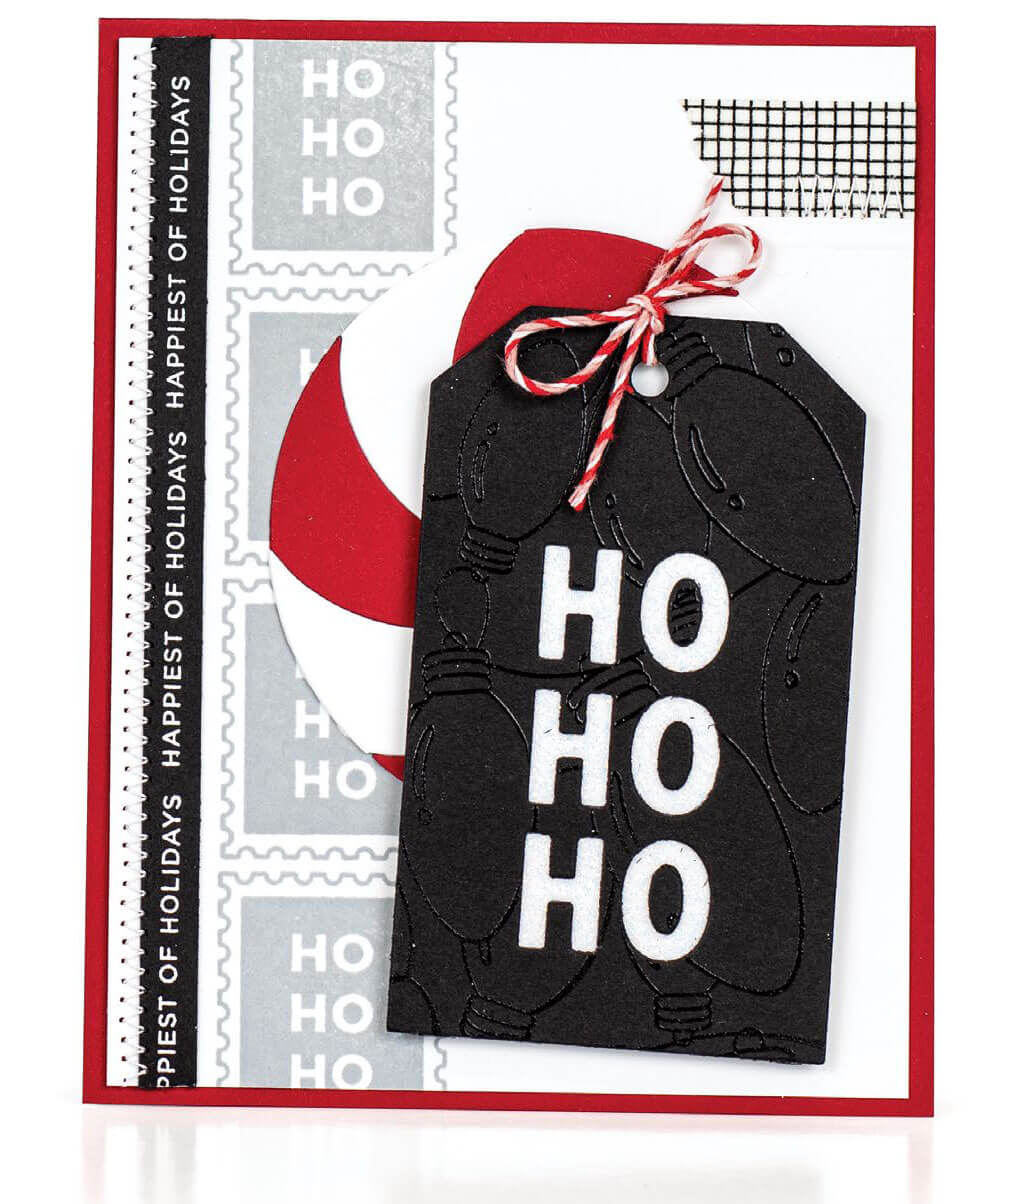 Scrapbook & Cards Today - Winter 2019 - Ho Ho Ho card by Jill Dewey Hawkins